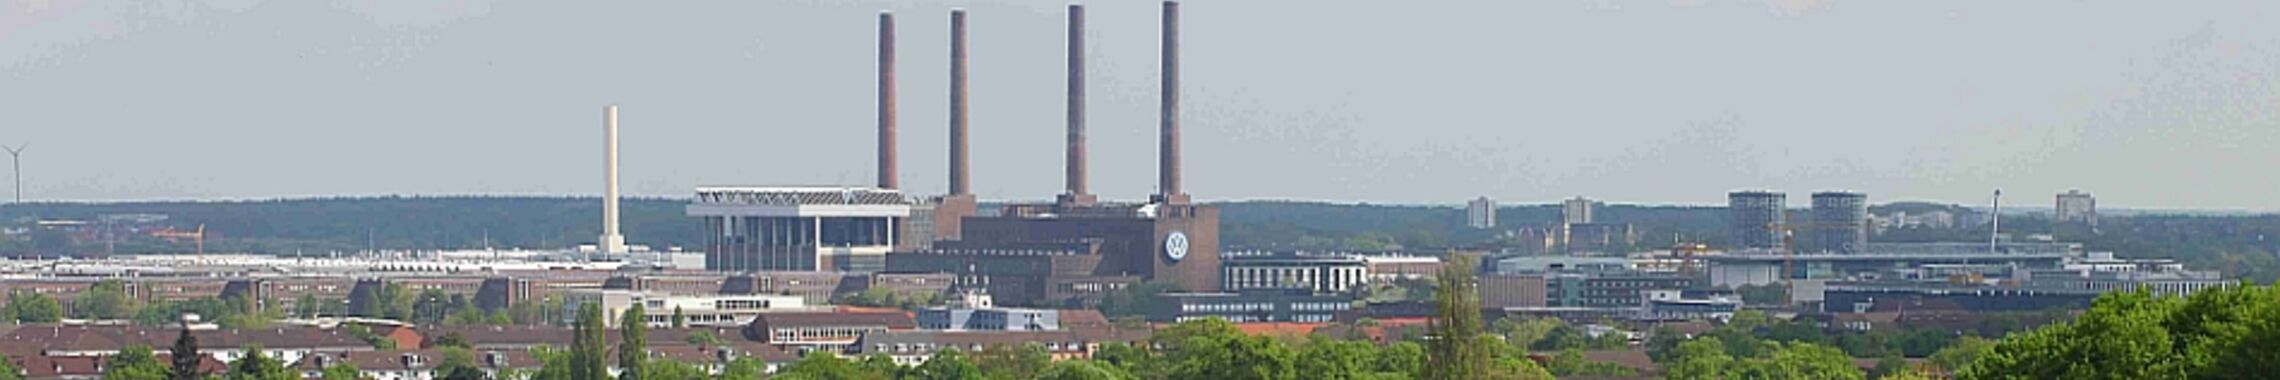 Wolfsburg vom Klieversberg aus gesehen. Foto (Ausschnitt) Frank Morgner